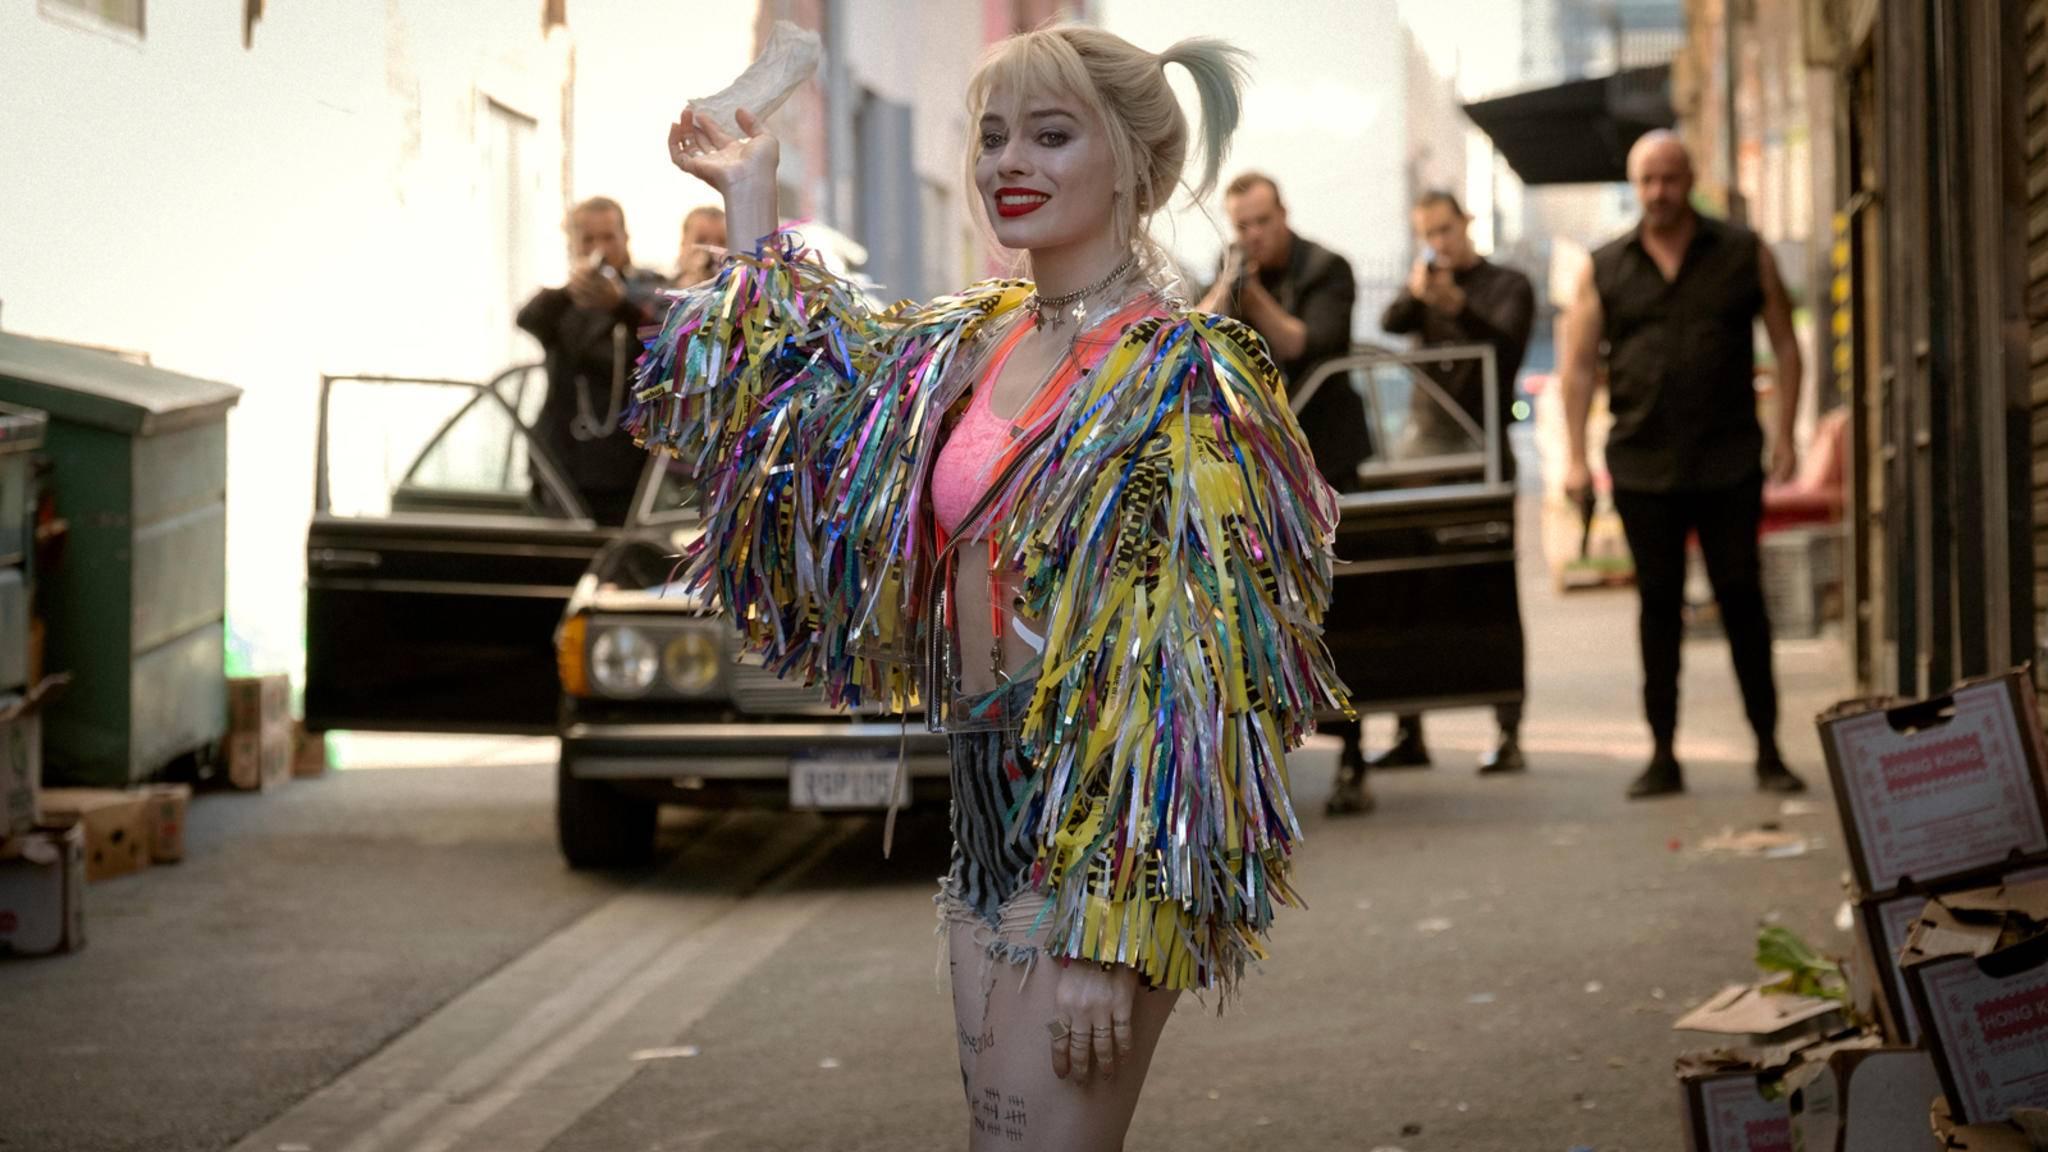 Birds of Prey Harley Quinn